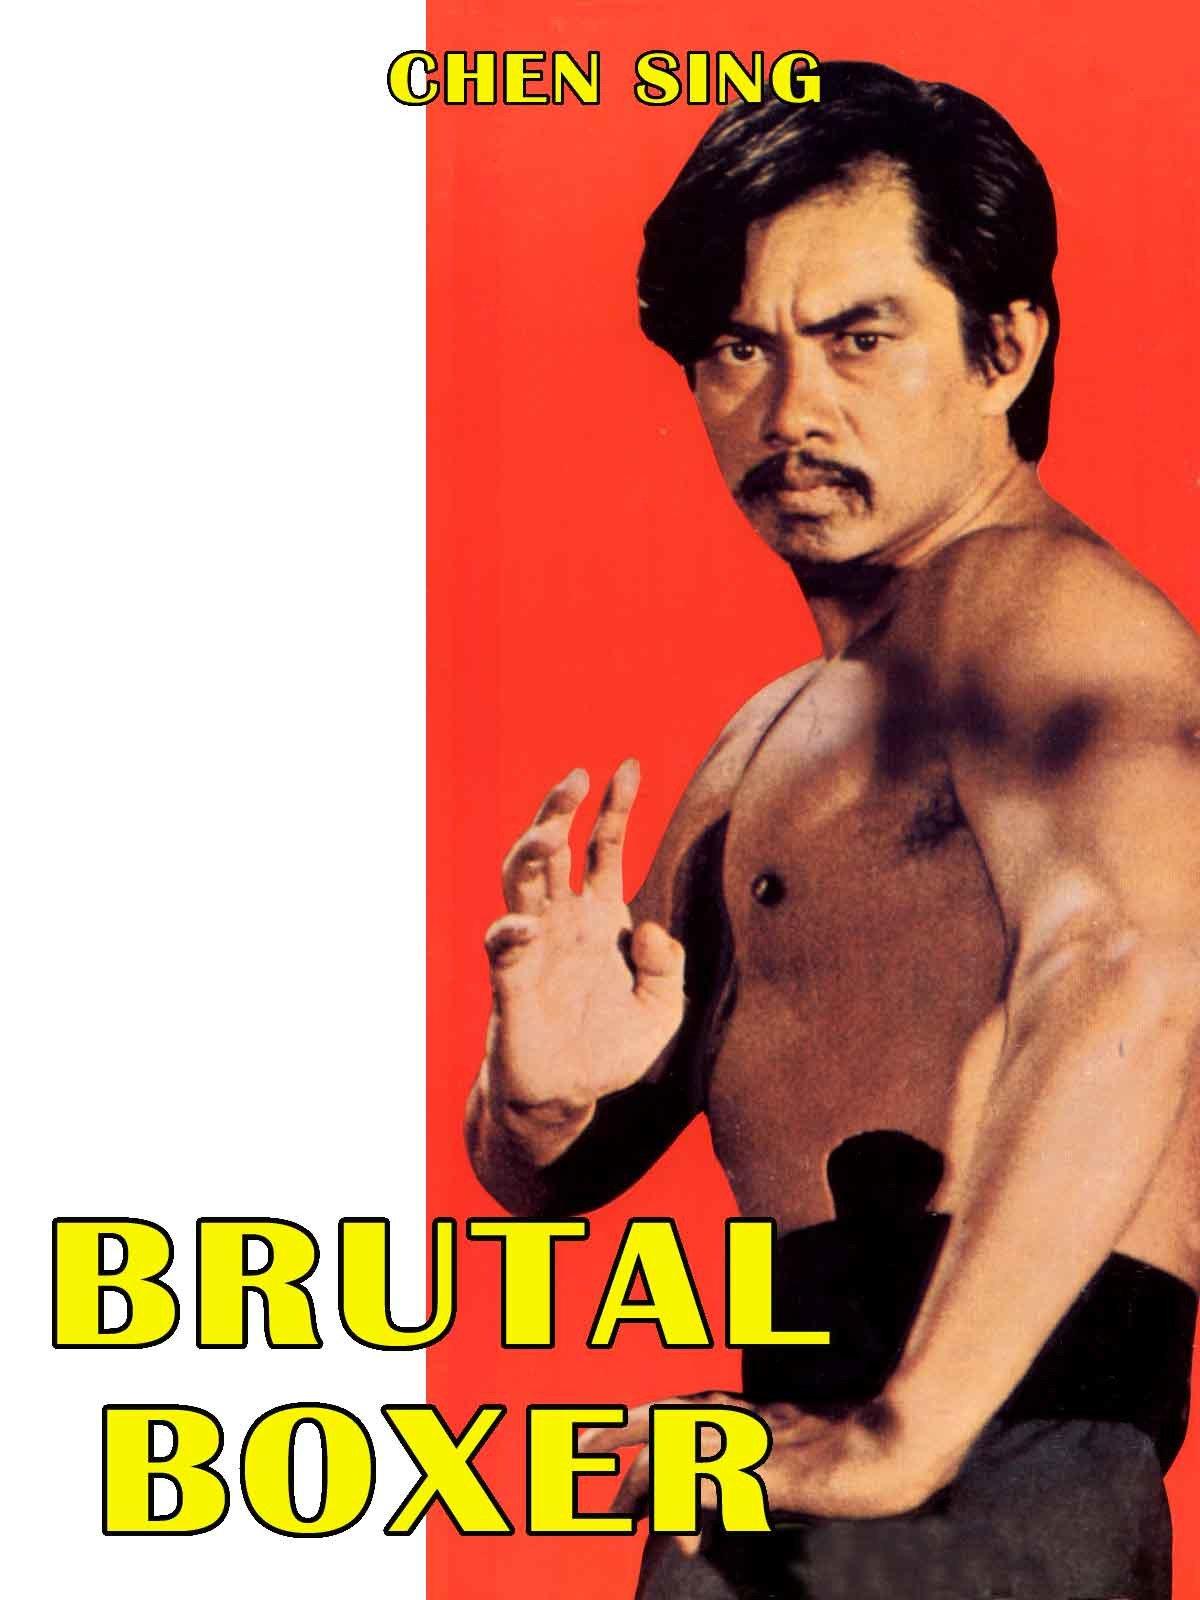 Brutal Boxer